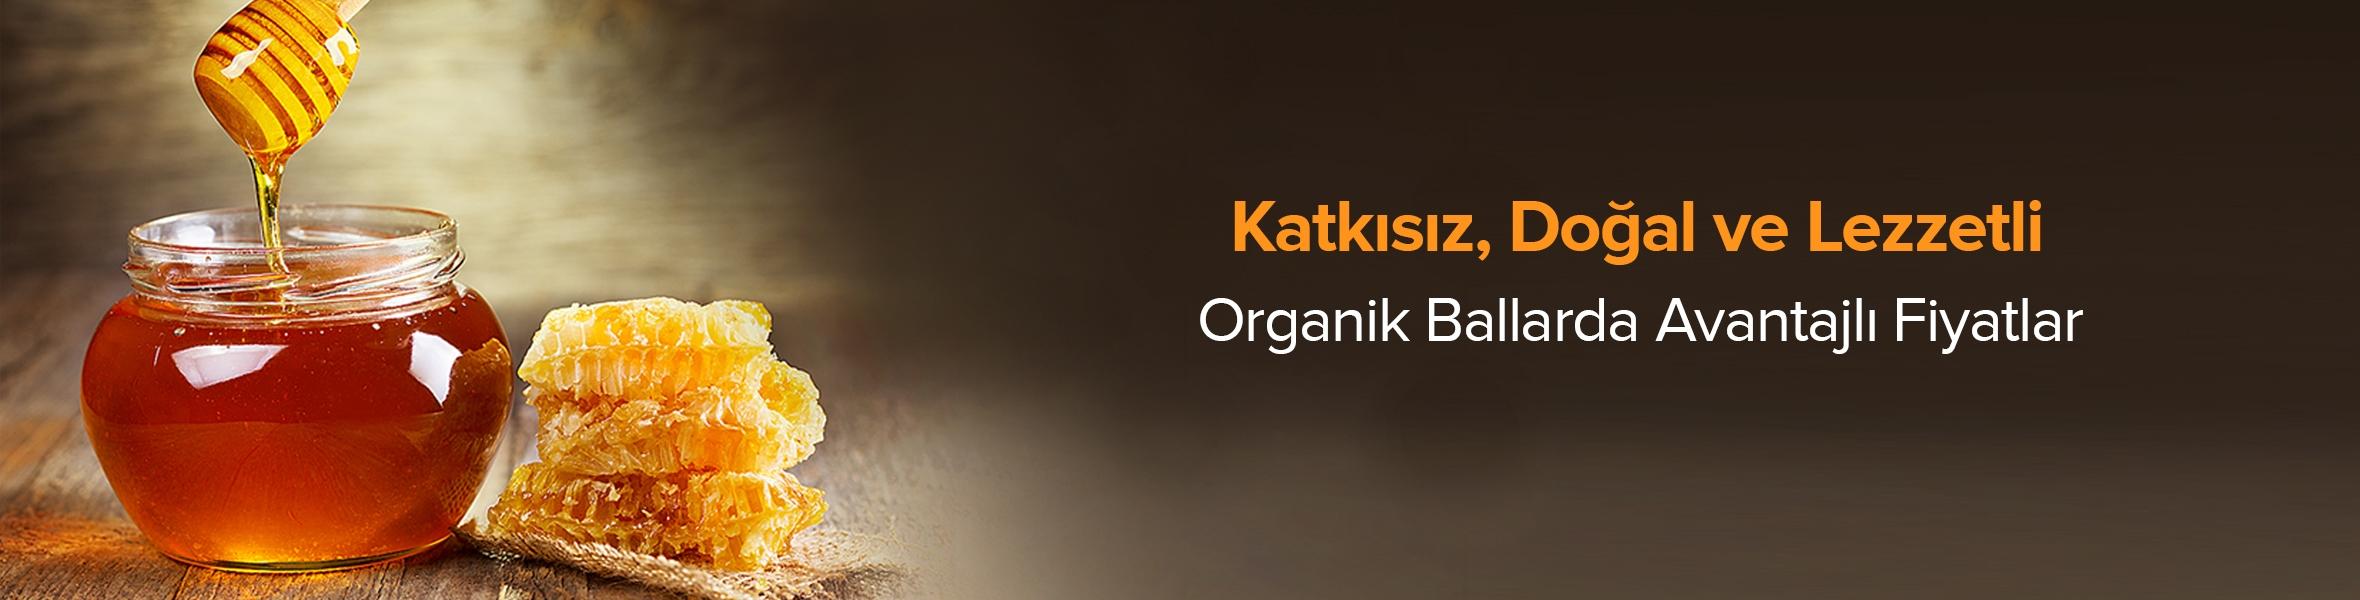 Organik Bal Ürünlerinde Avantajlı Fiyatlar